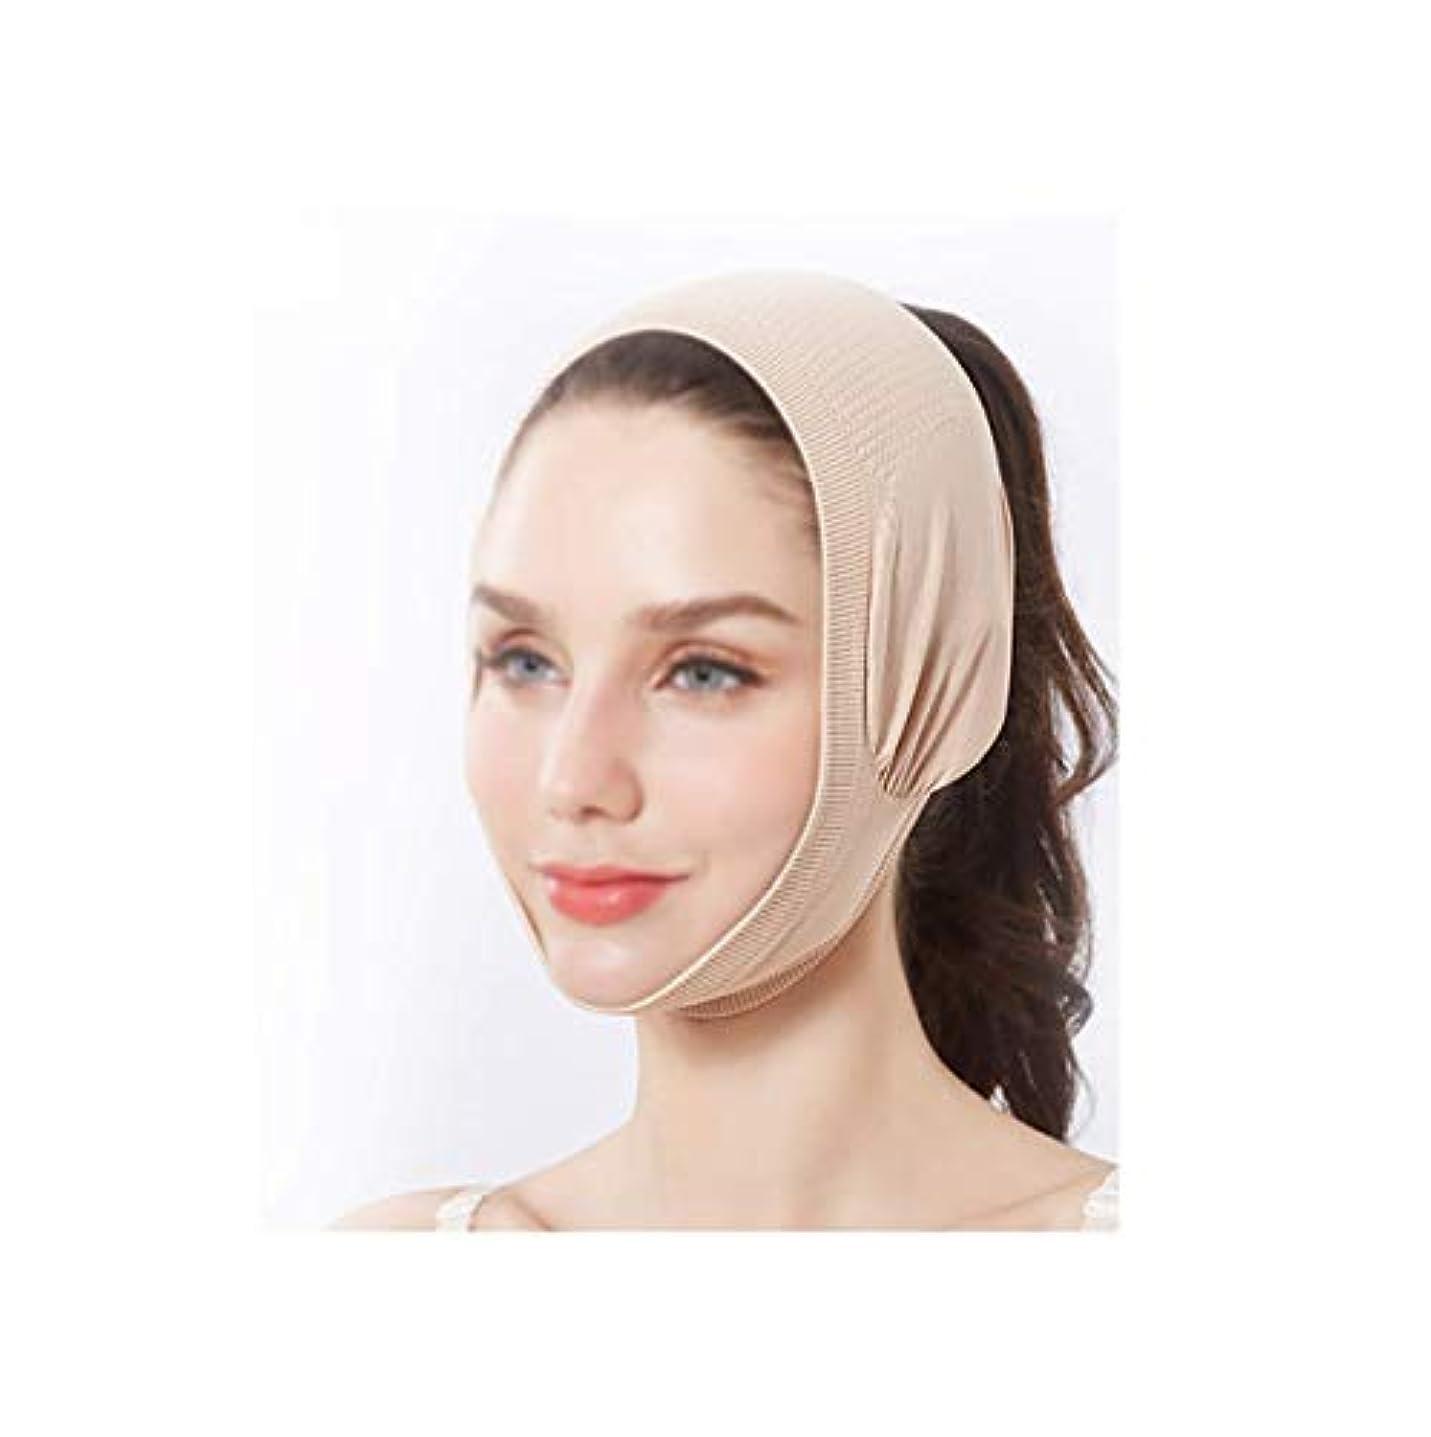 アグネスグレイ外国人コインフェイスリフトマスク、フェイシャルマスクエクステンション強度フェイスレスバンデージバンディオンフェイスラージVラインカービングフェイスバックカバーネックストラップ(色:肌の色)